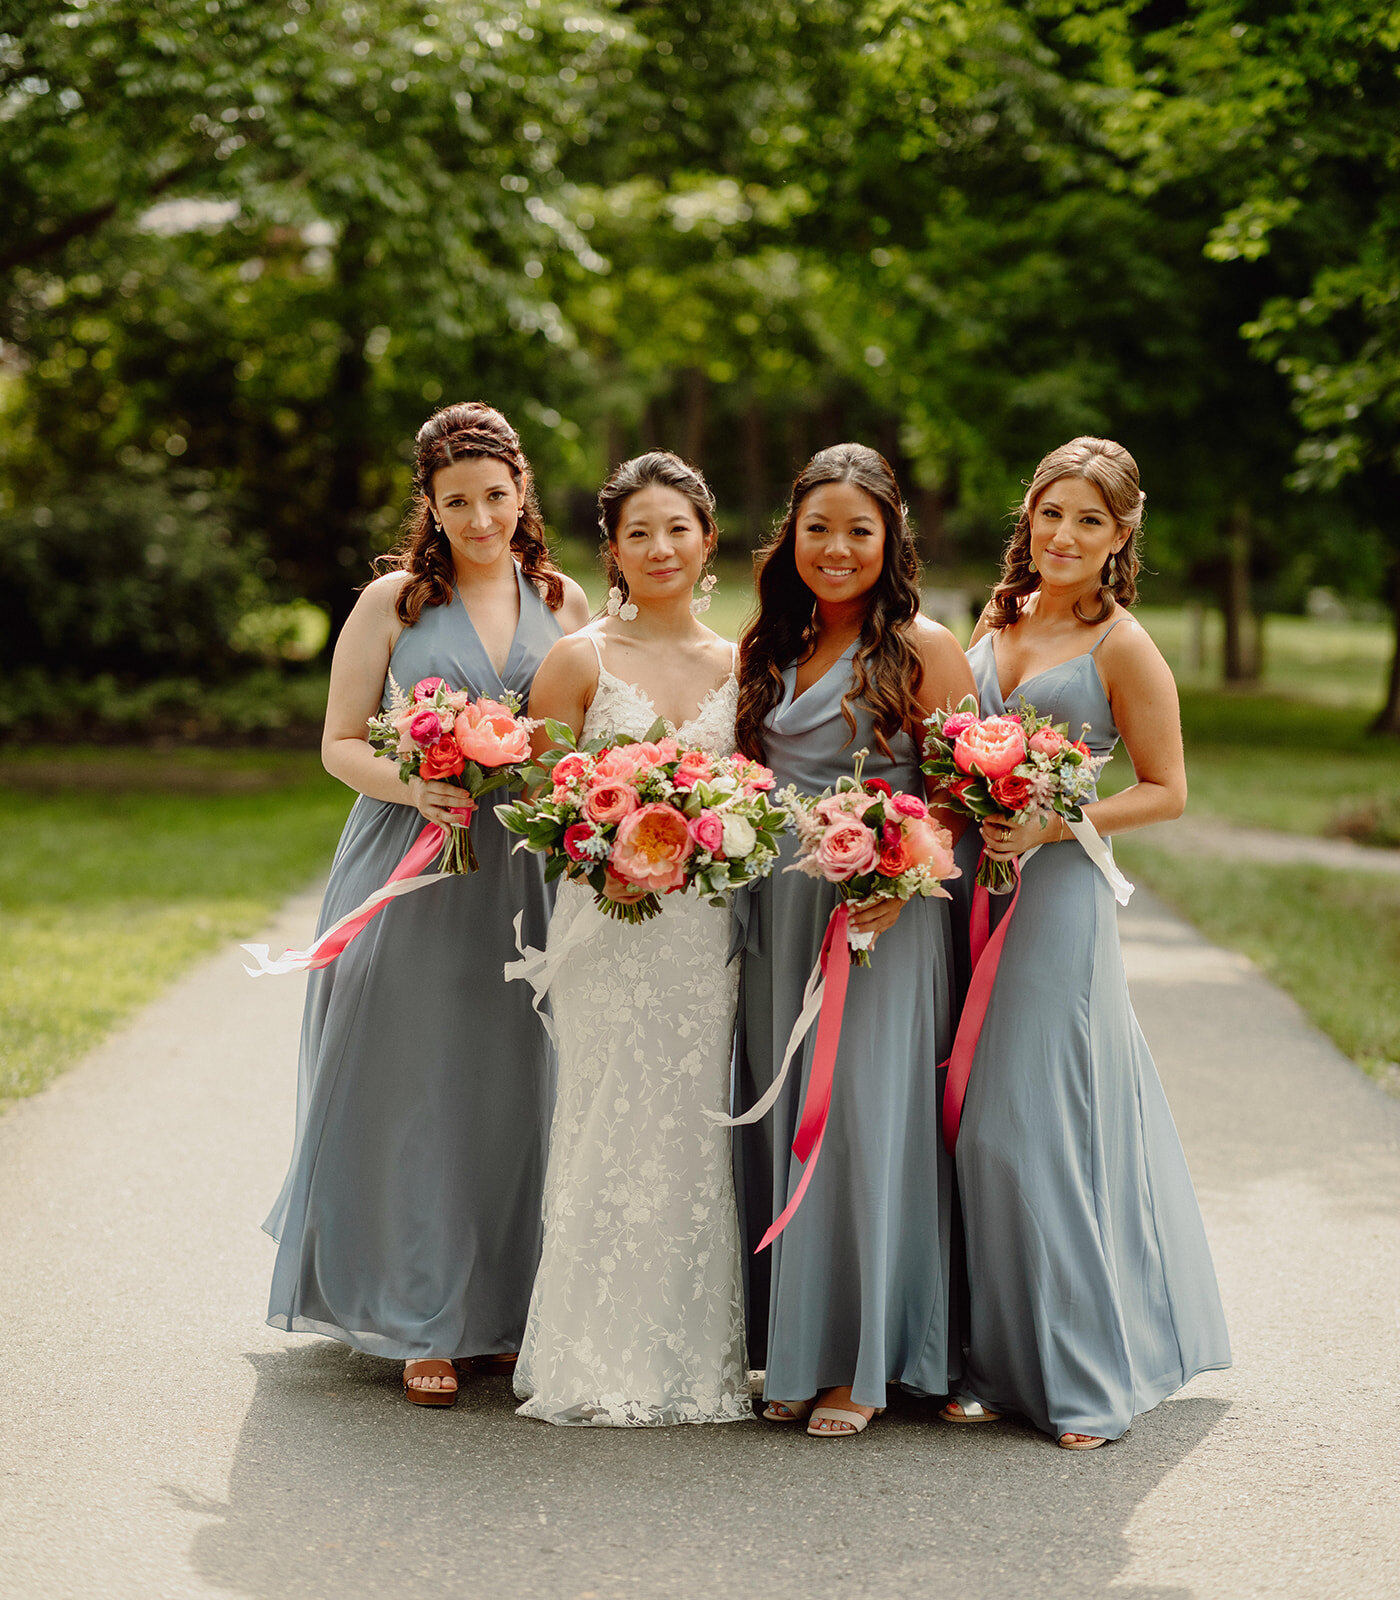 2019_JingJing_Andrew_Wedding__248_websize.jpg